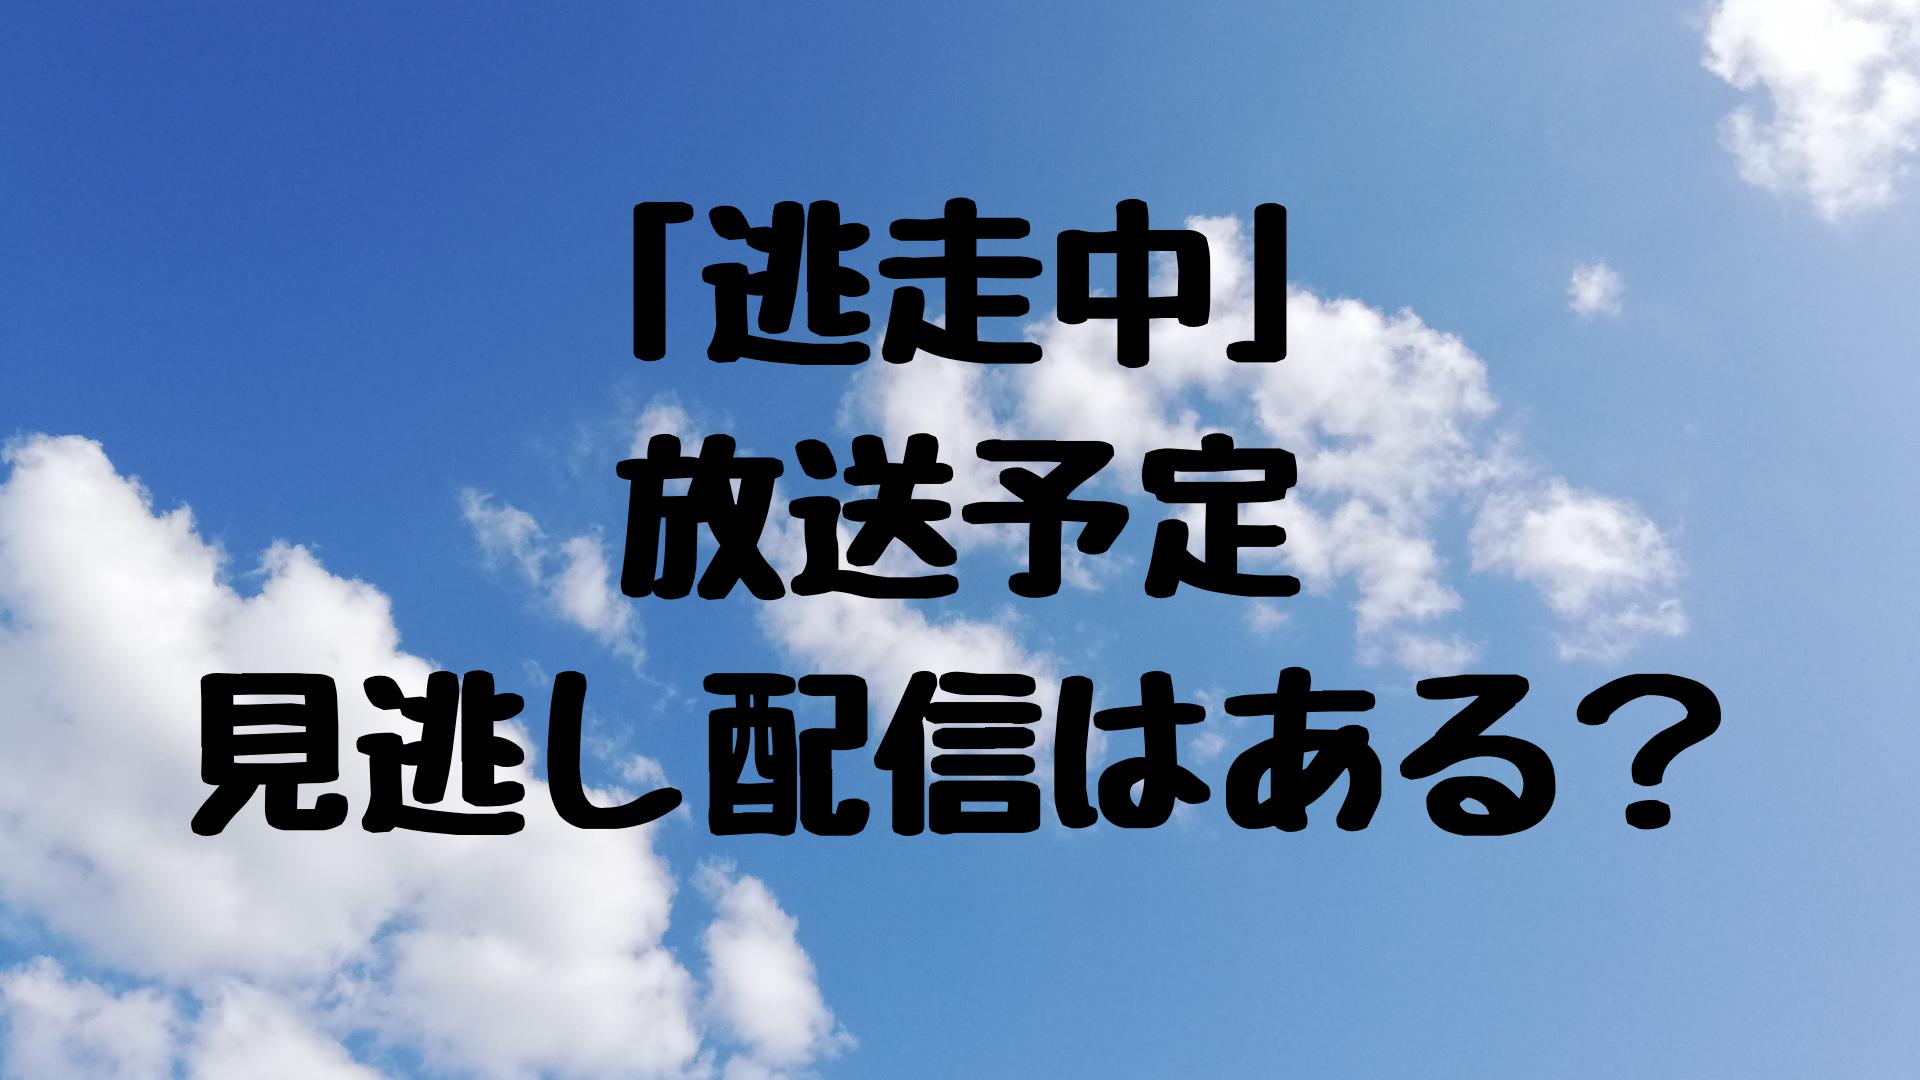 15周年記念プロジェクト逃走中 2